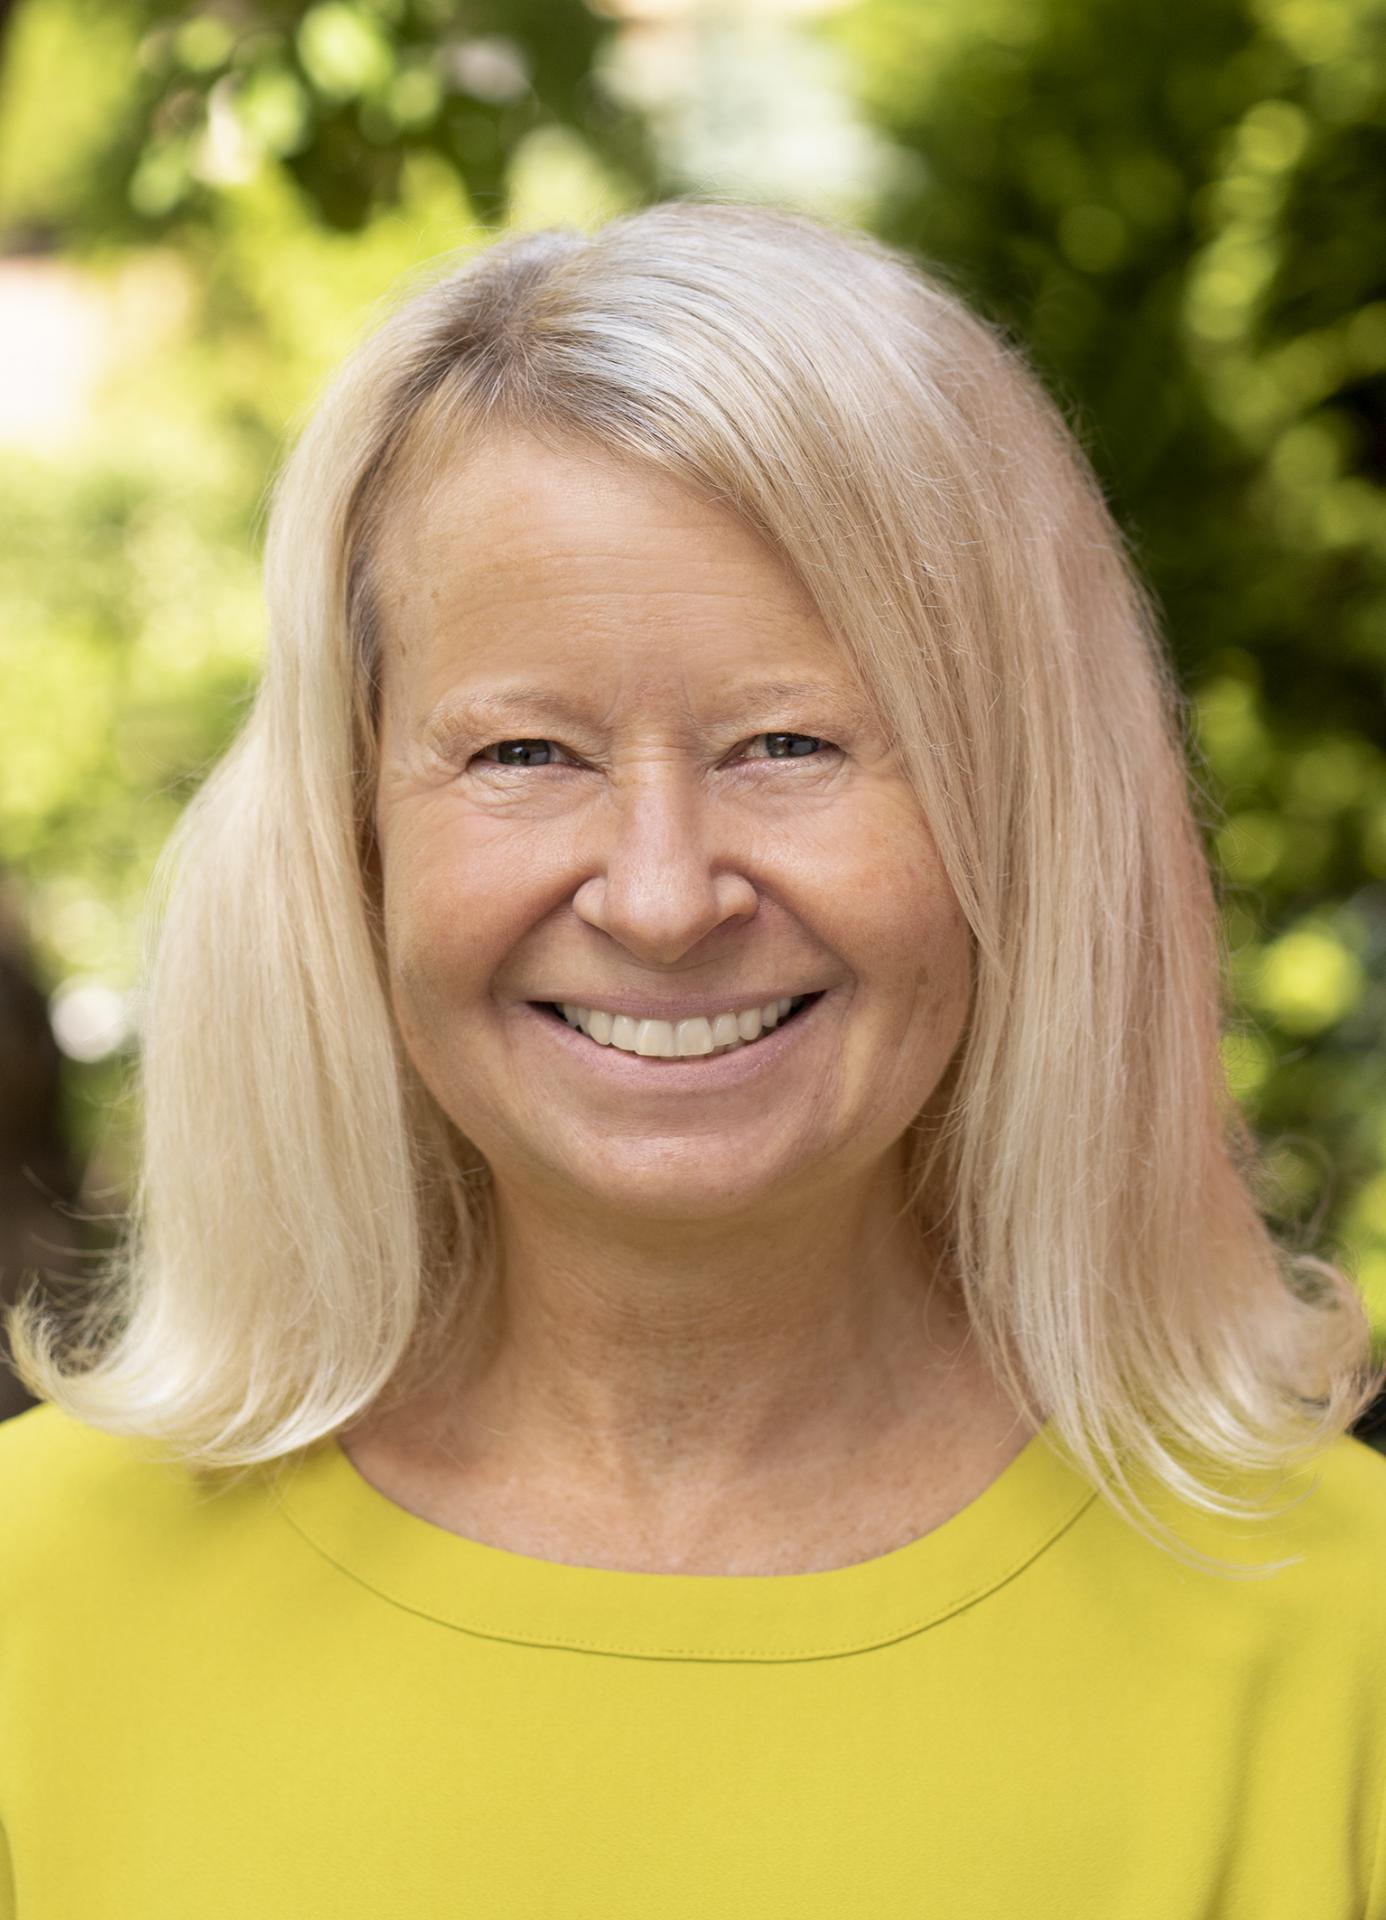 Claudia Finck